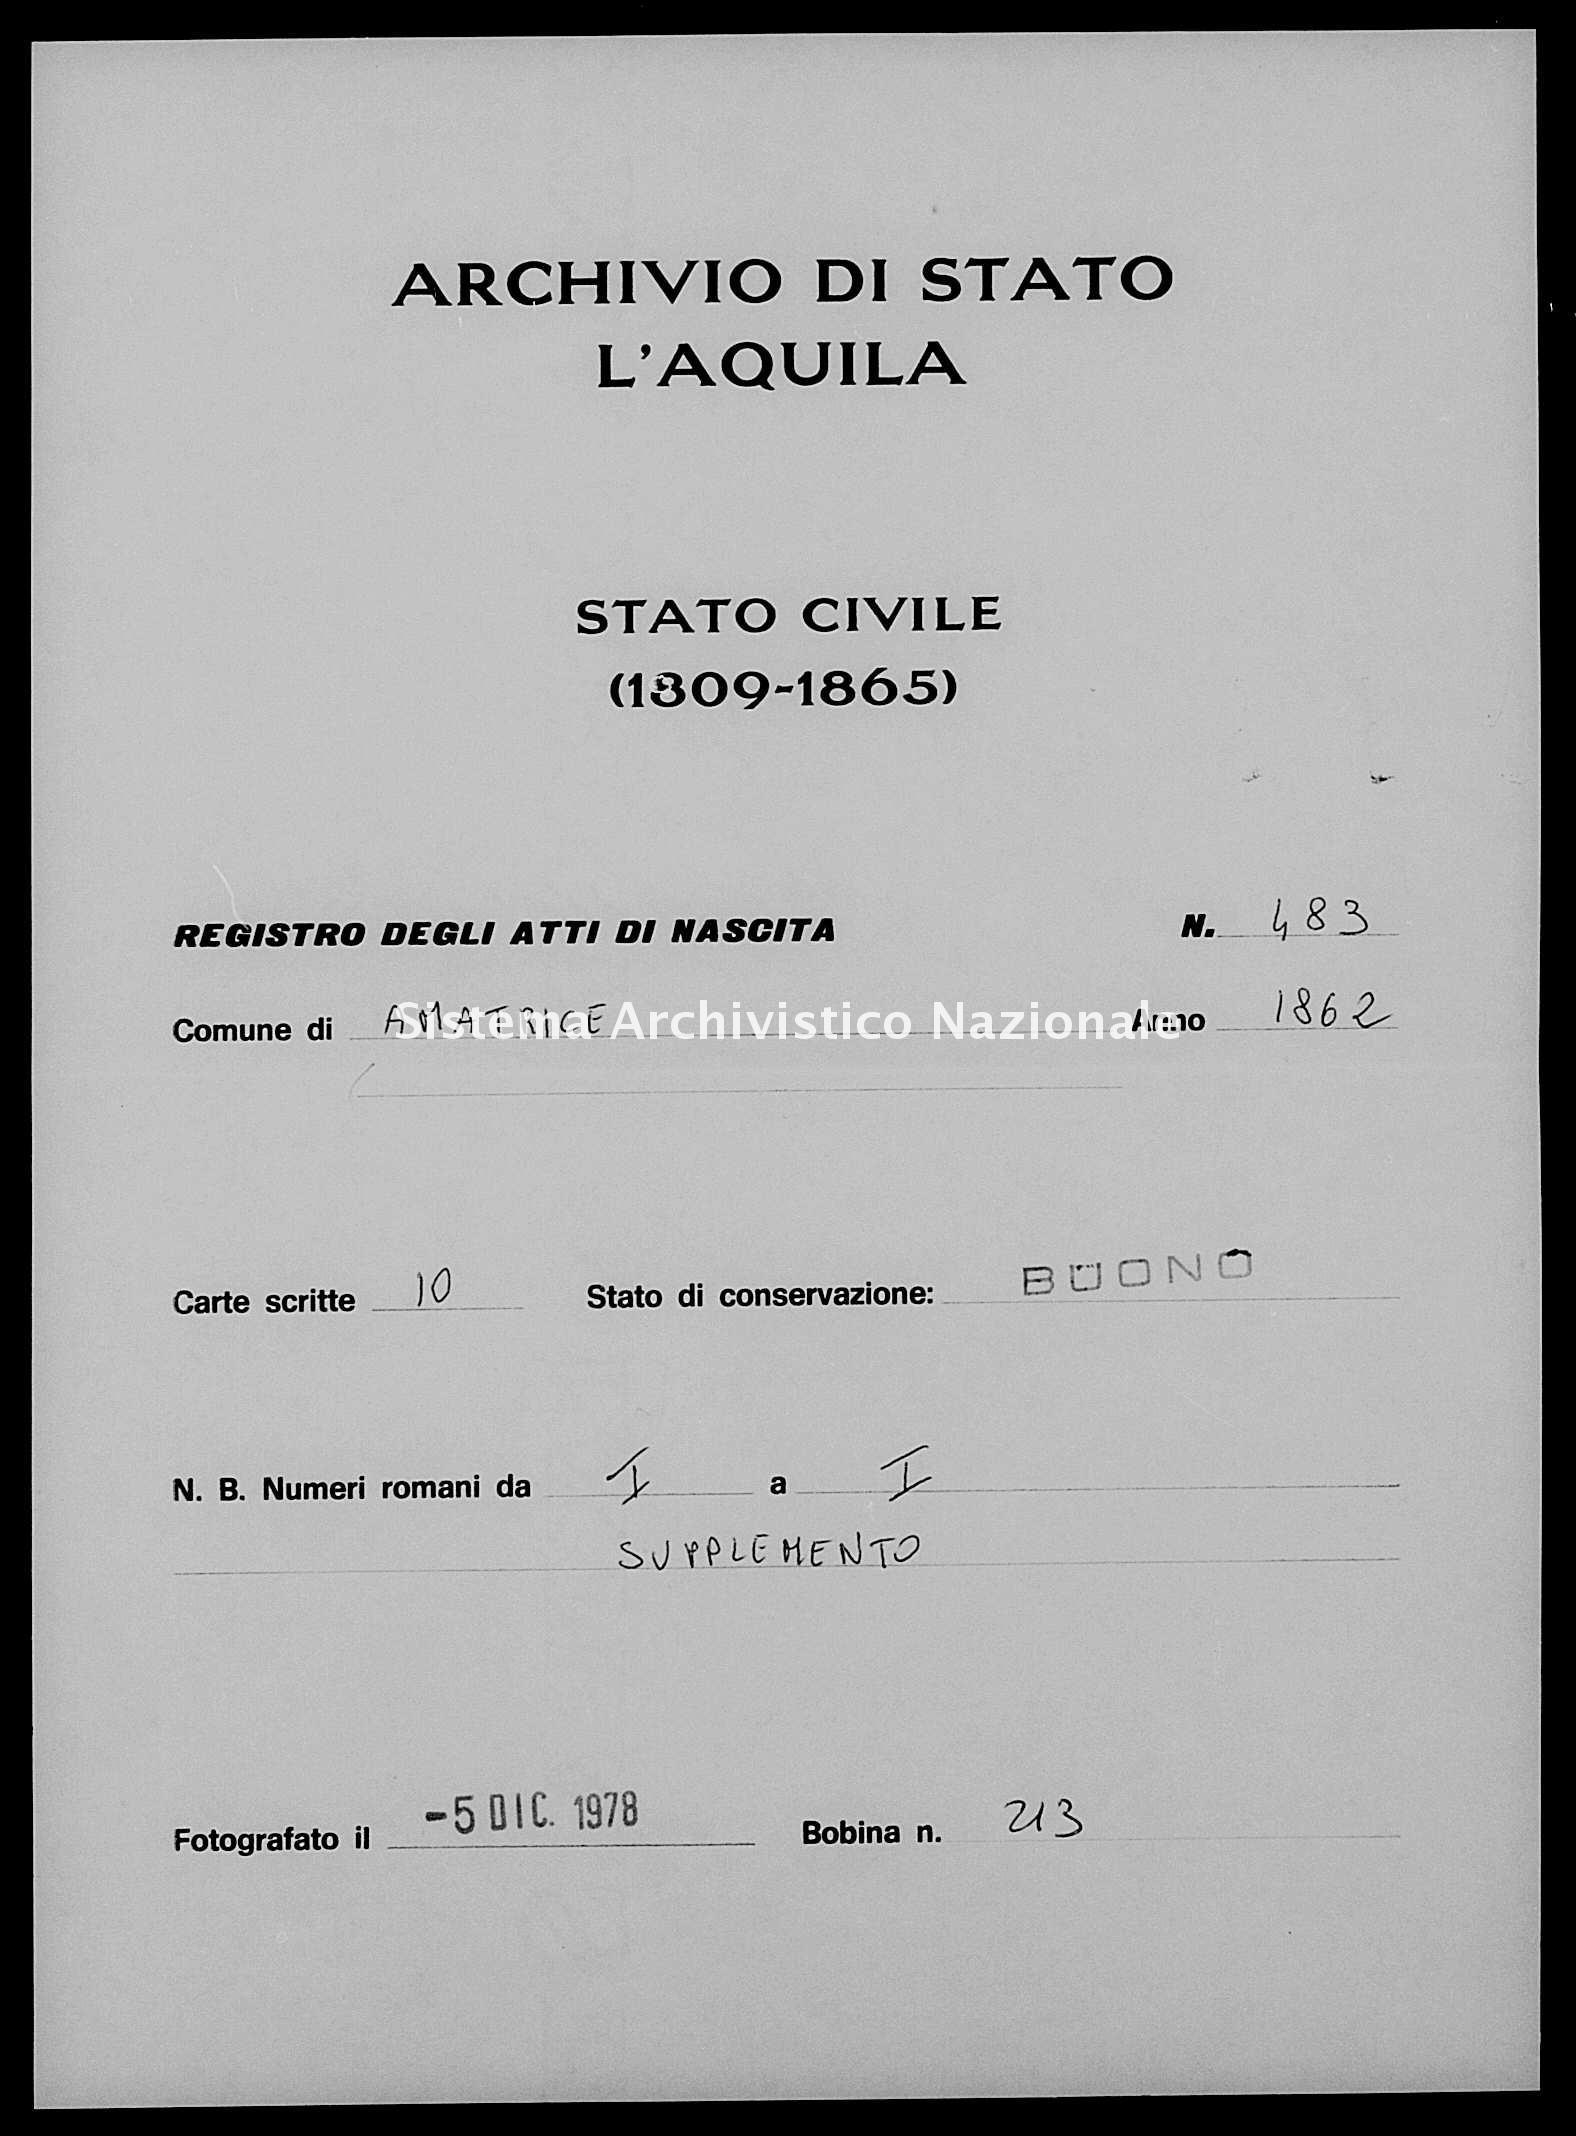 Archivio di stato di L'aquila - Stato civile italiano - Amatrice - Nati, esposti - 1862 - 483 -